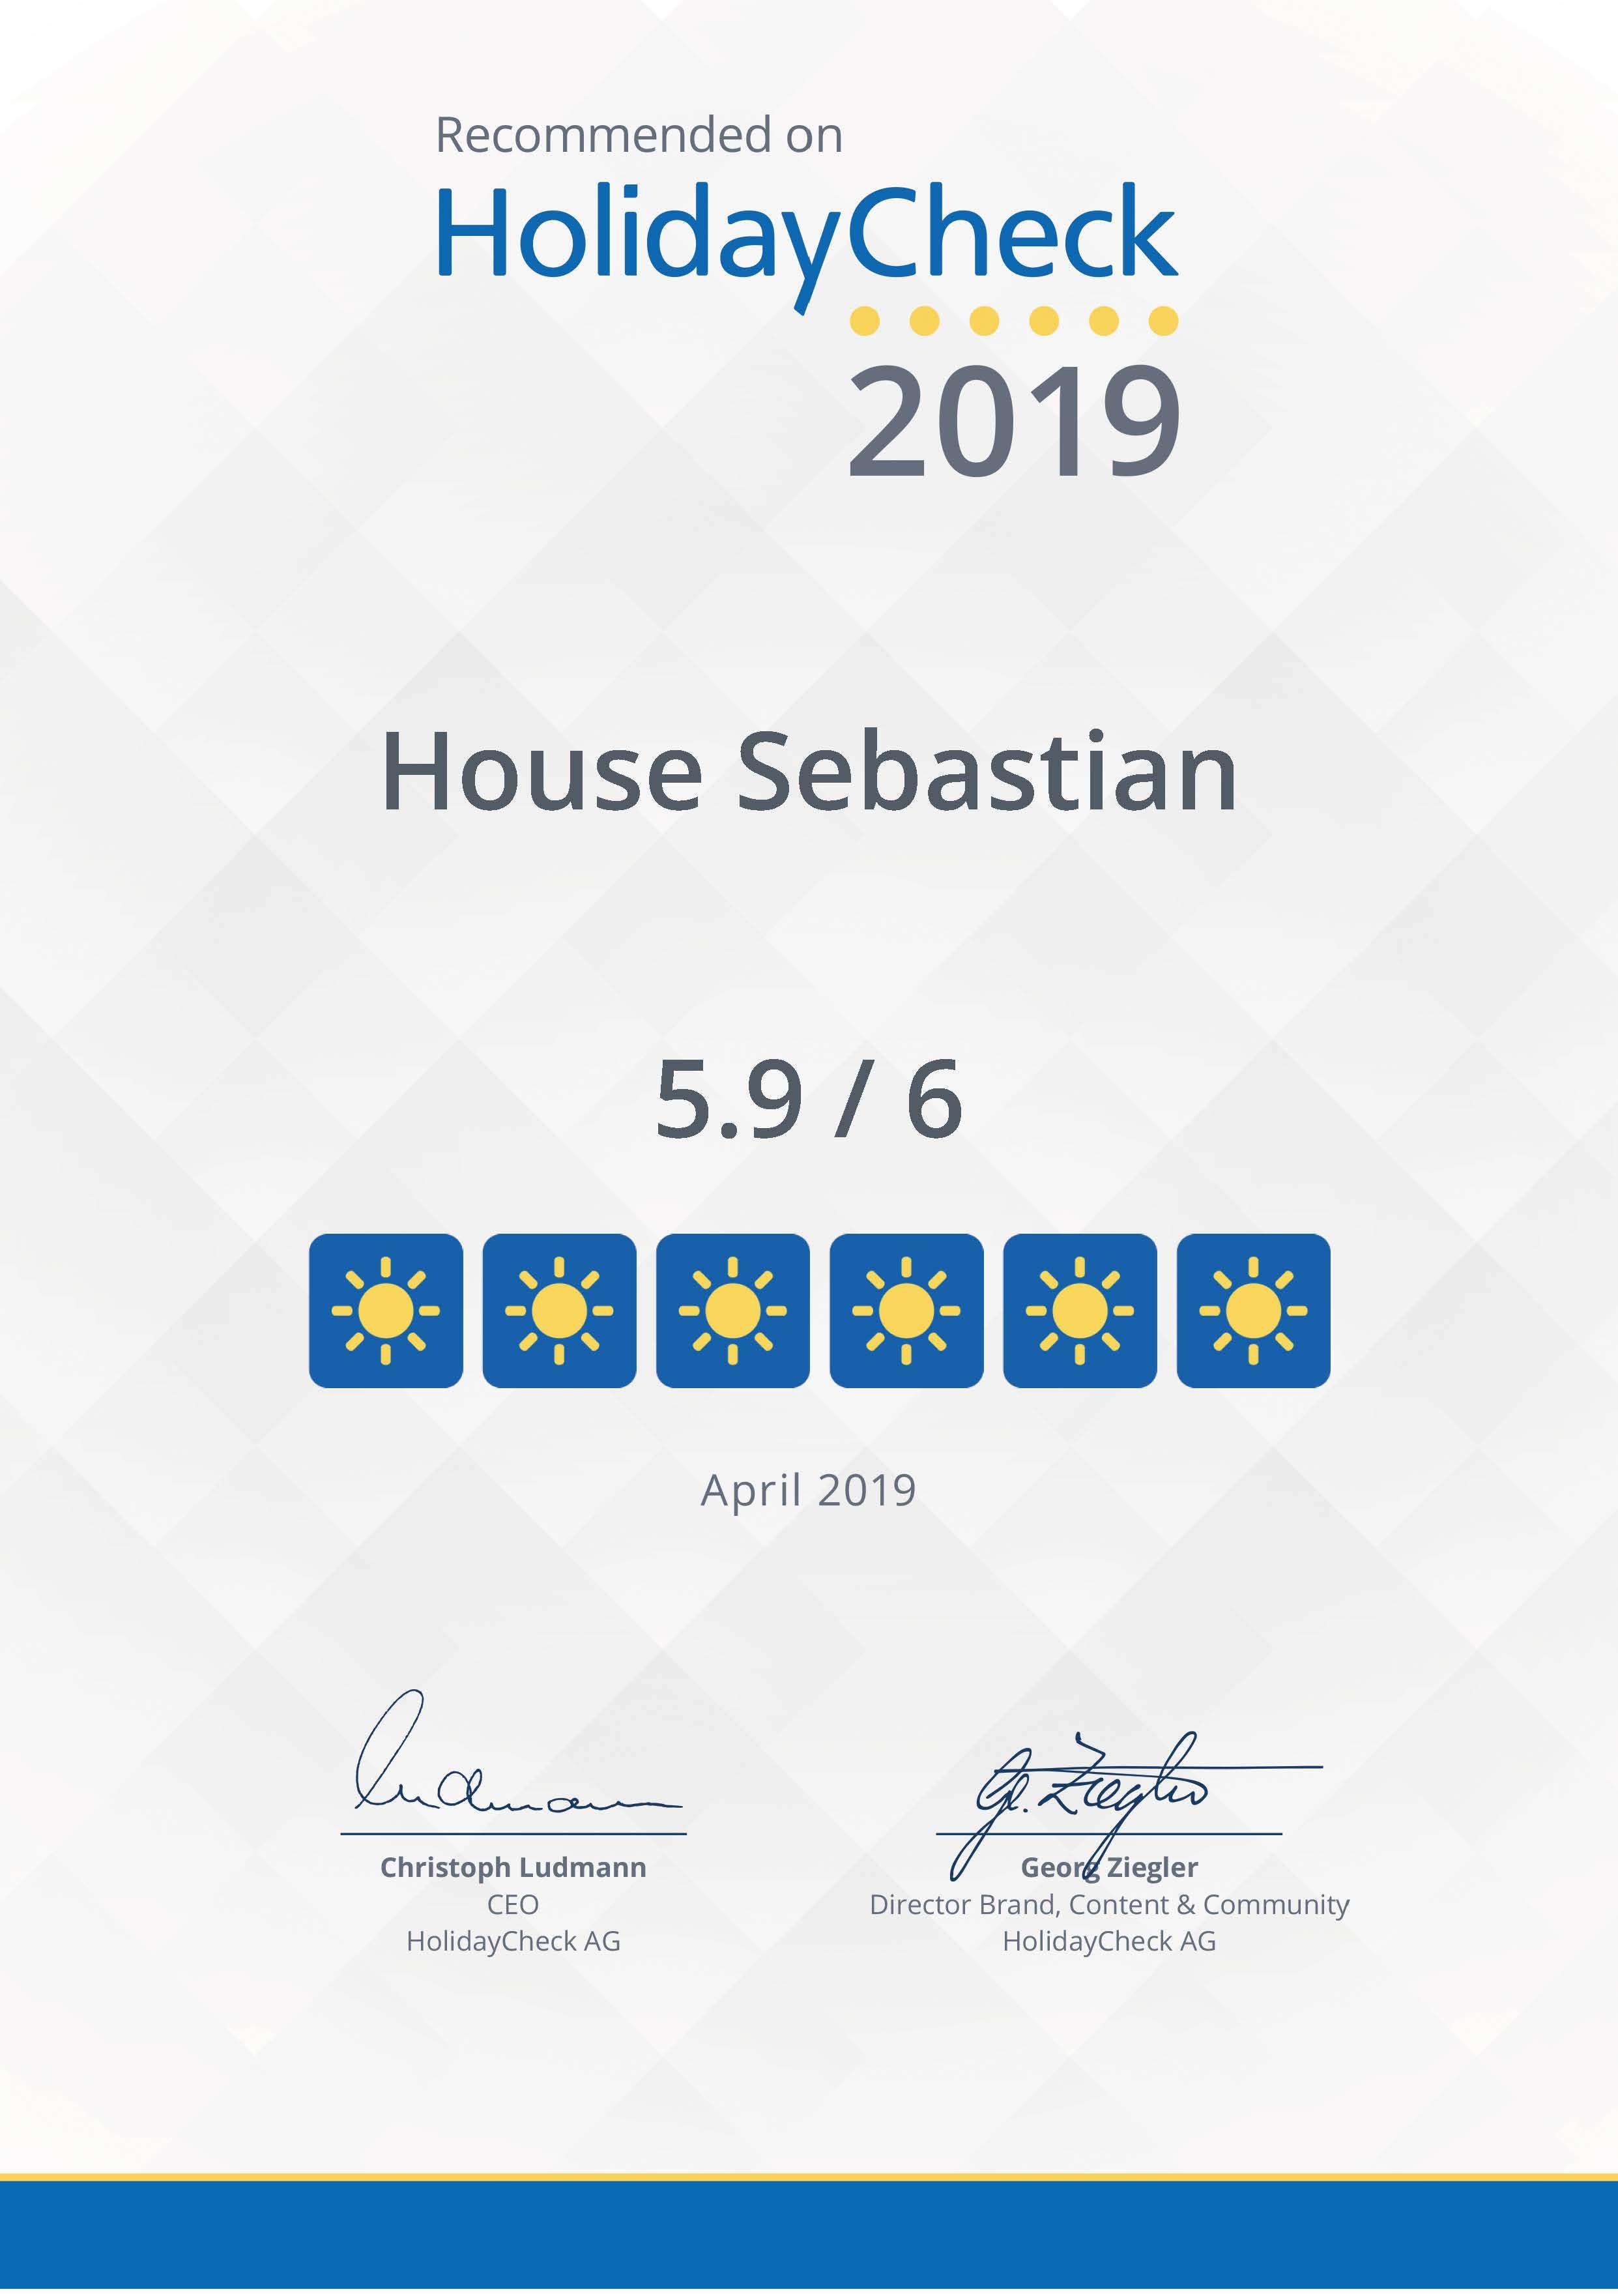 Ferienwohnungen in Grainau Haus Sebastian erhält HolidayCheck Urkunde 2019